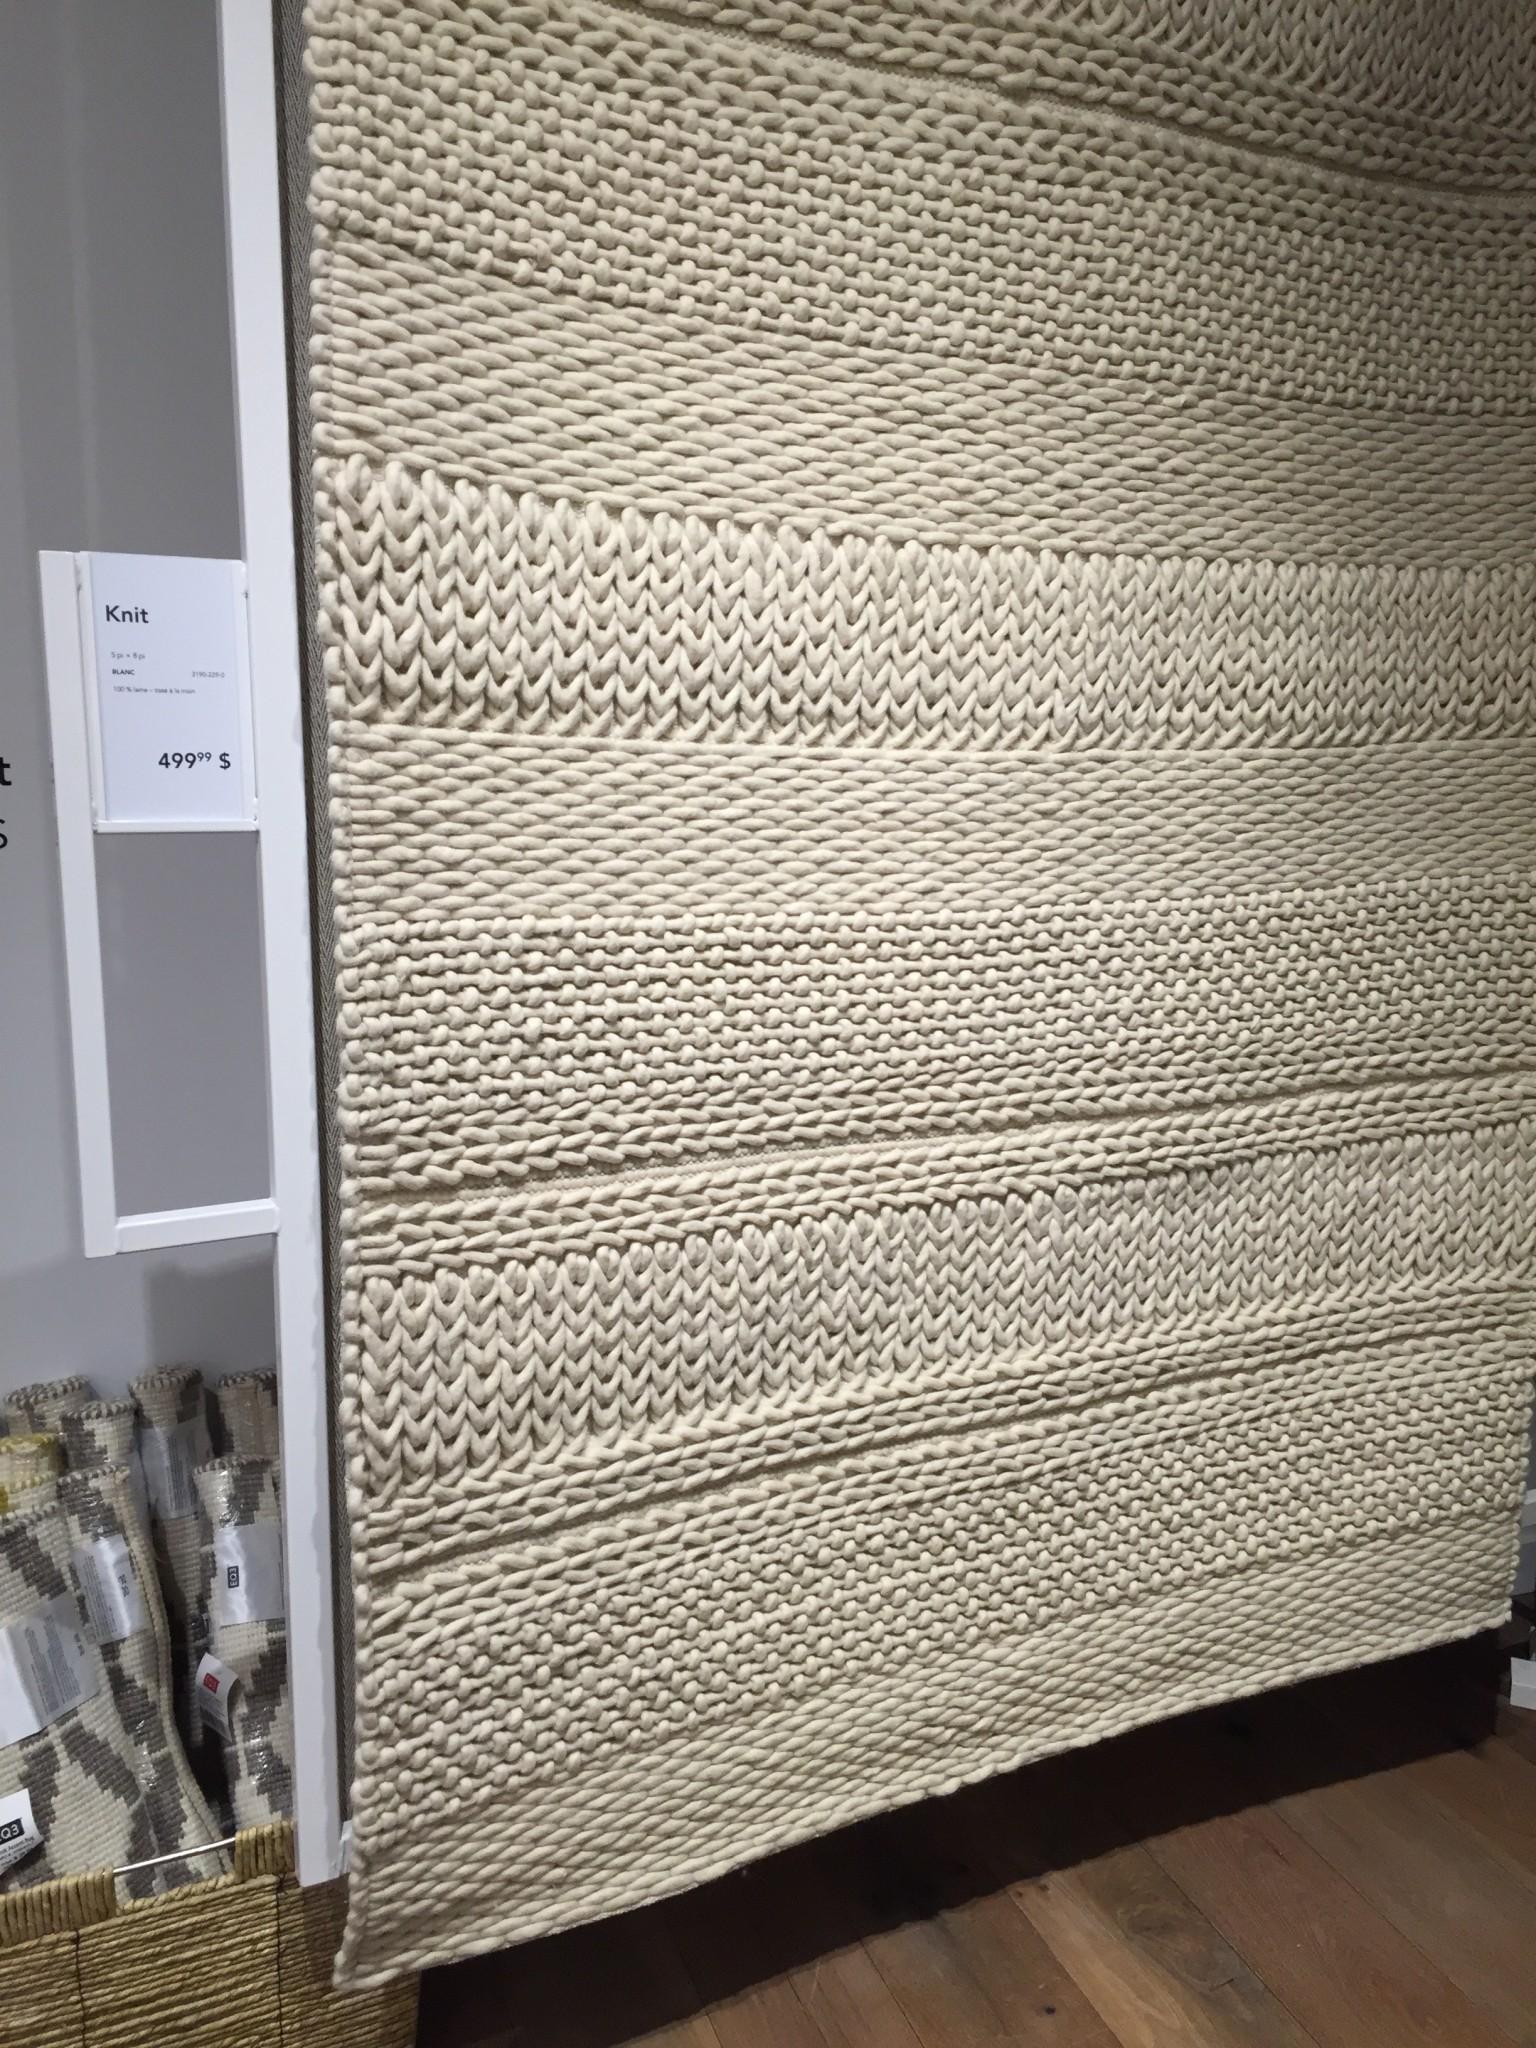 Tapis Knit 5x8 à 499$ (aussi dispo en 8x10 à